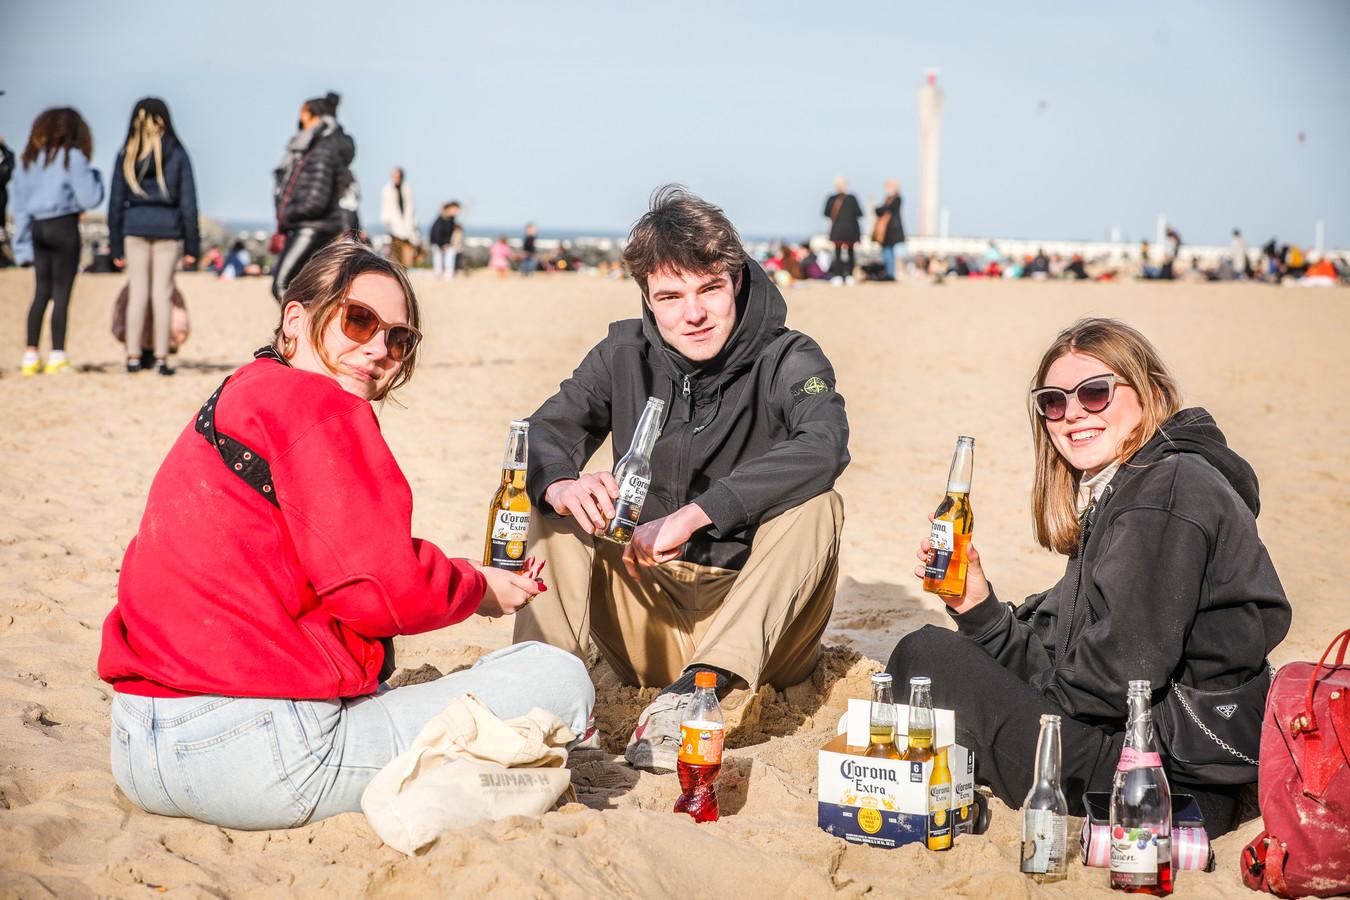 """Une """"Corona"""" sur la plage, est-ce une gifle envers les bars et restaurants toujours fermés ou un pied de nez à la crise sanitaire qui nous enferme depuis trop longtemps? Certains ont en tout cas profité du week-end sans contrevenir aux mesures"""